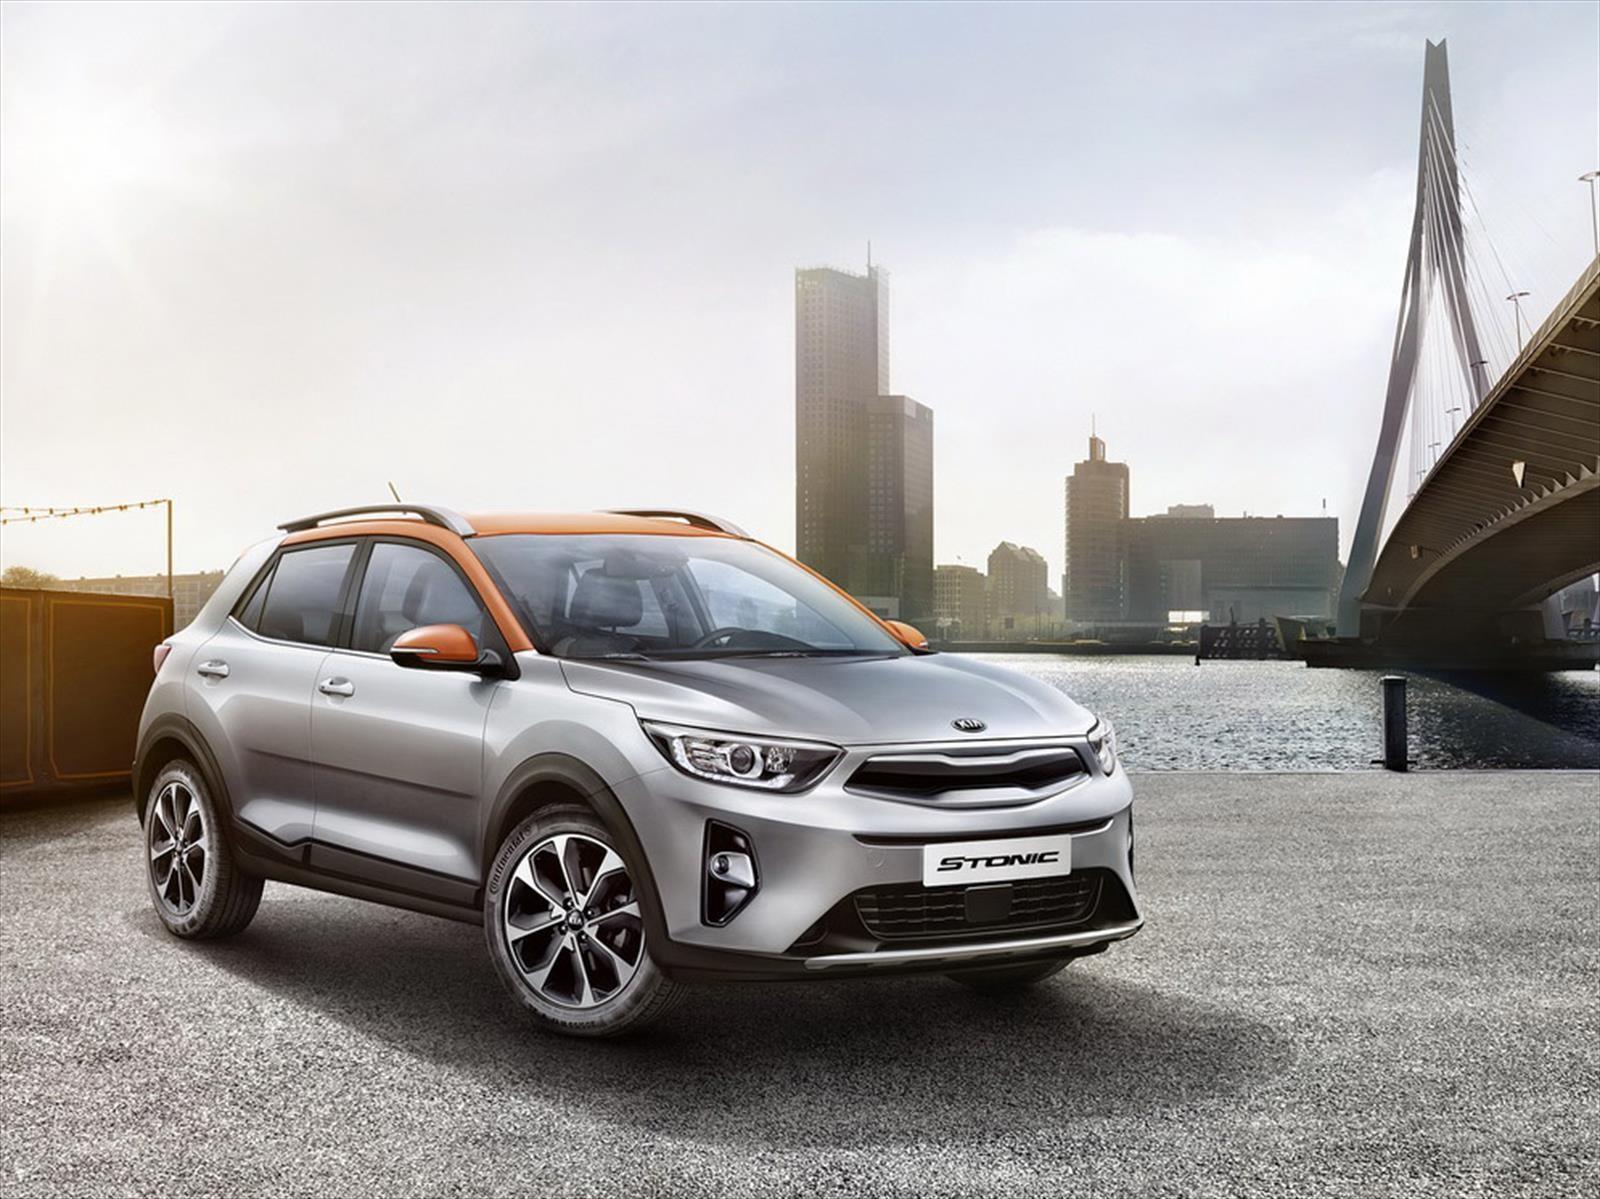 Kia Stonic 2018, el nuevo SUV pequeño coreano